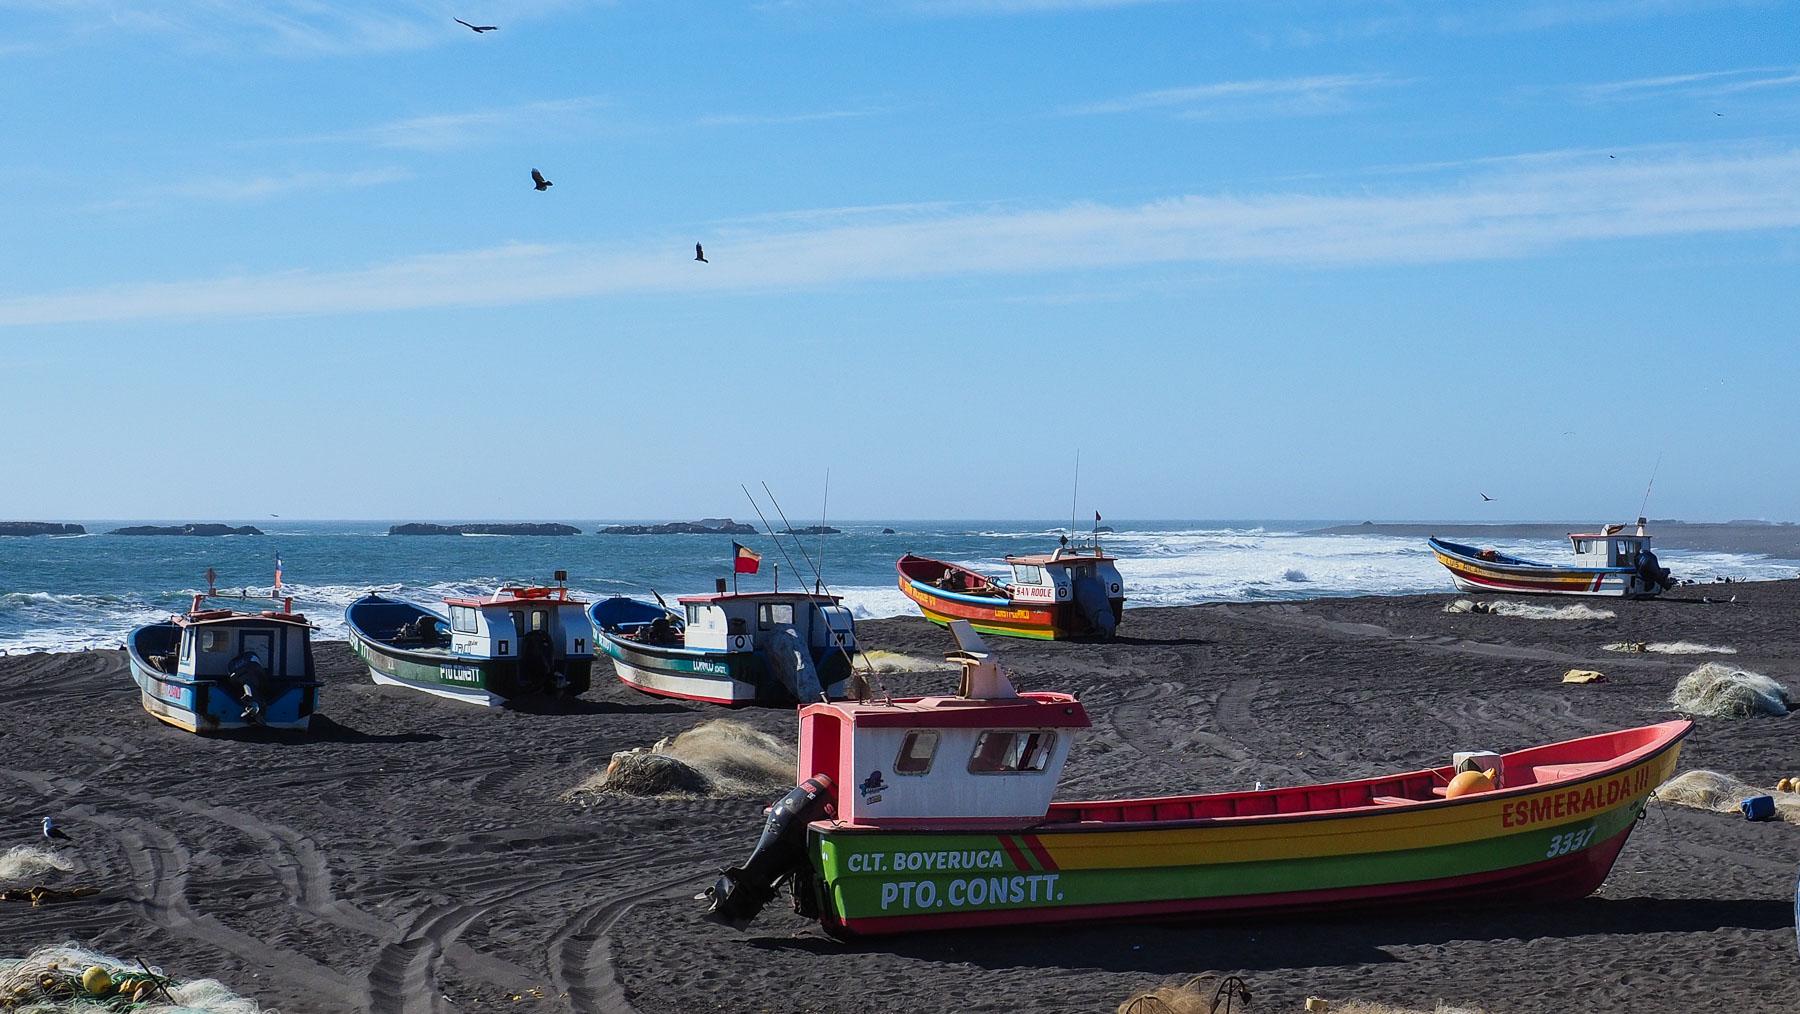 Menschenleerer Strand, die Fischerboote werden jeweils per Traktor an Land gezogen